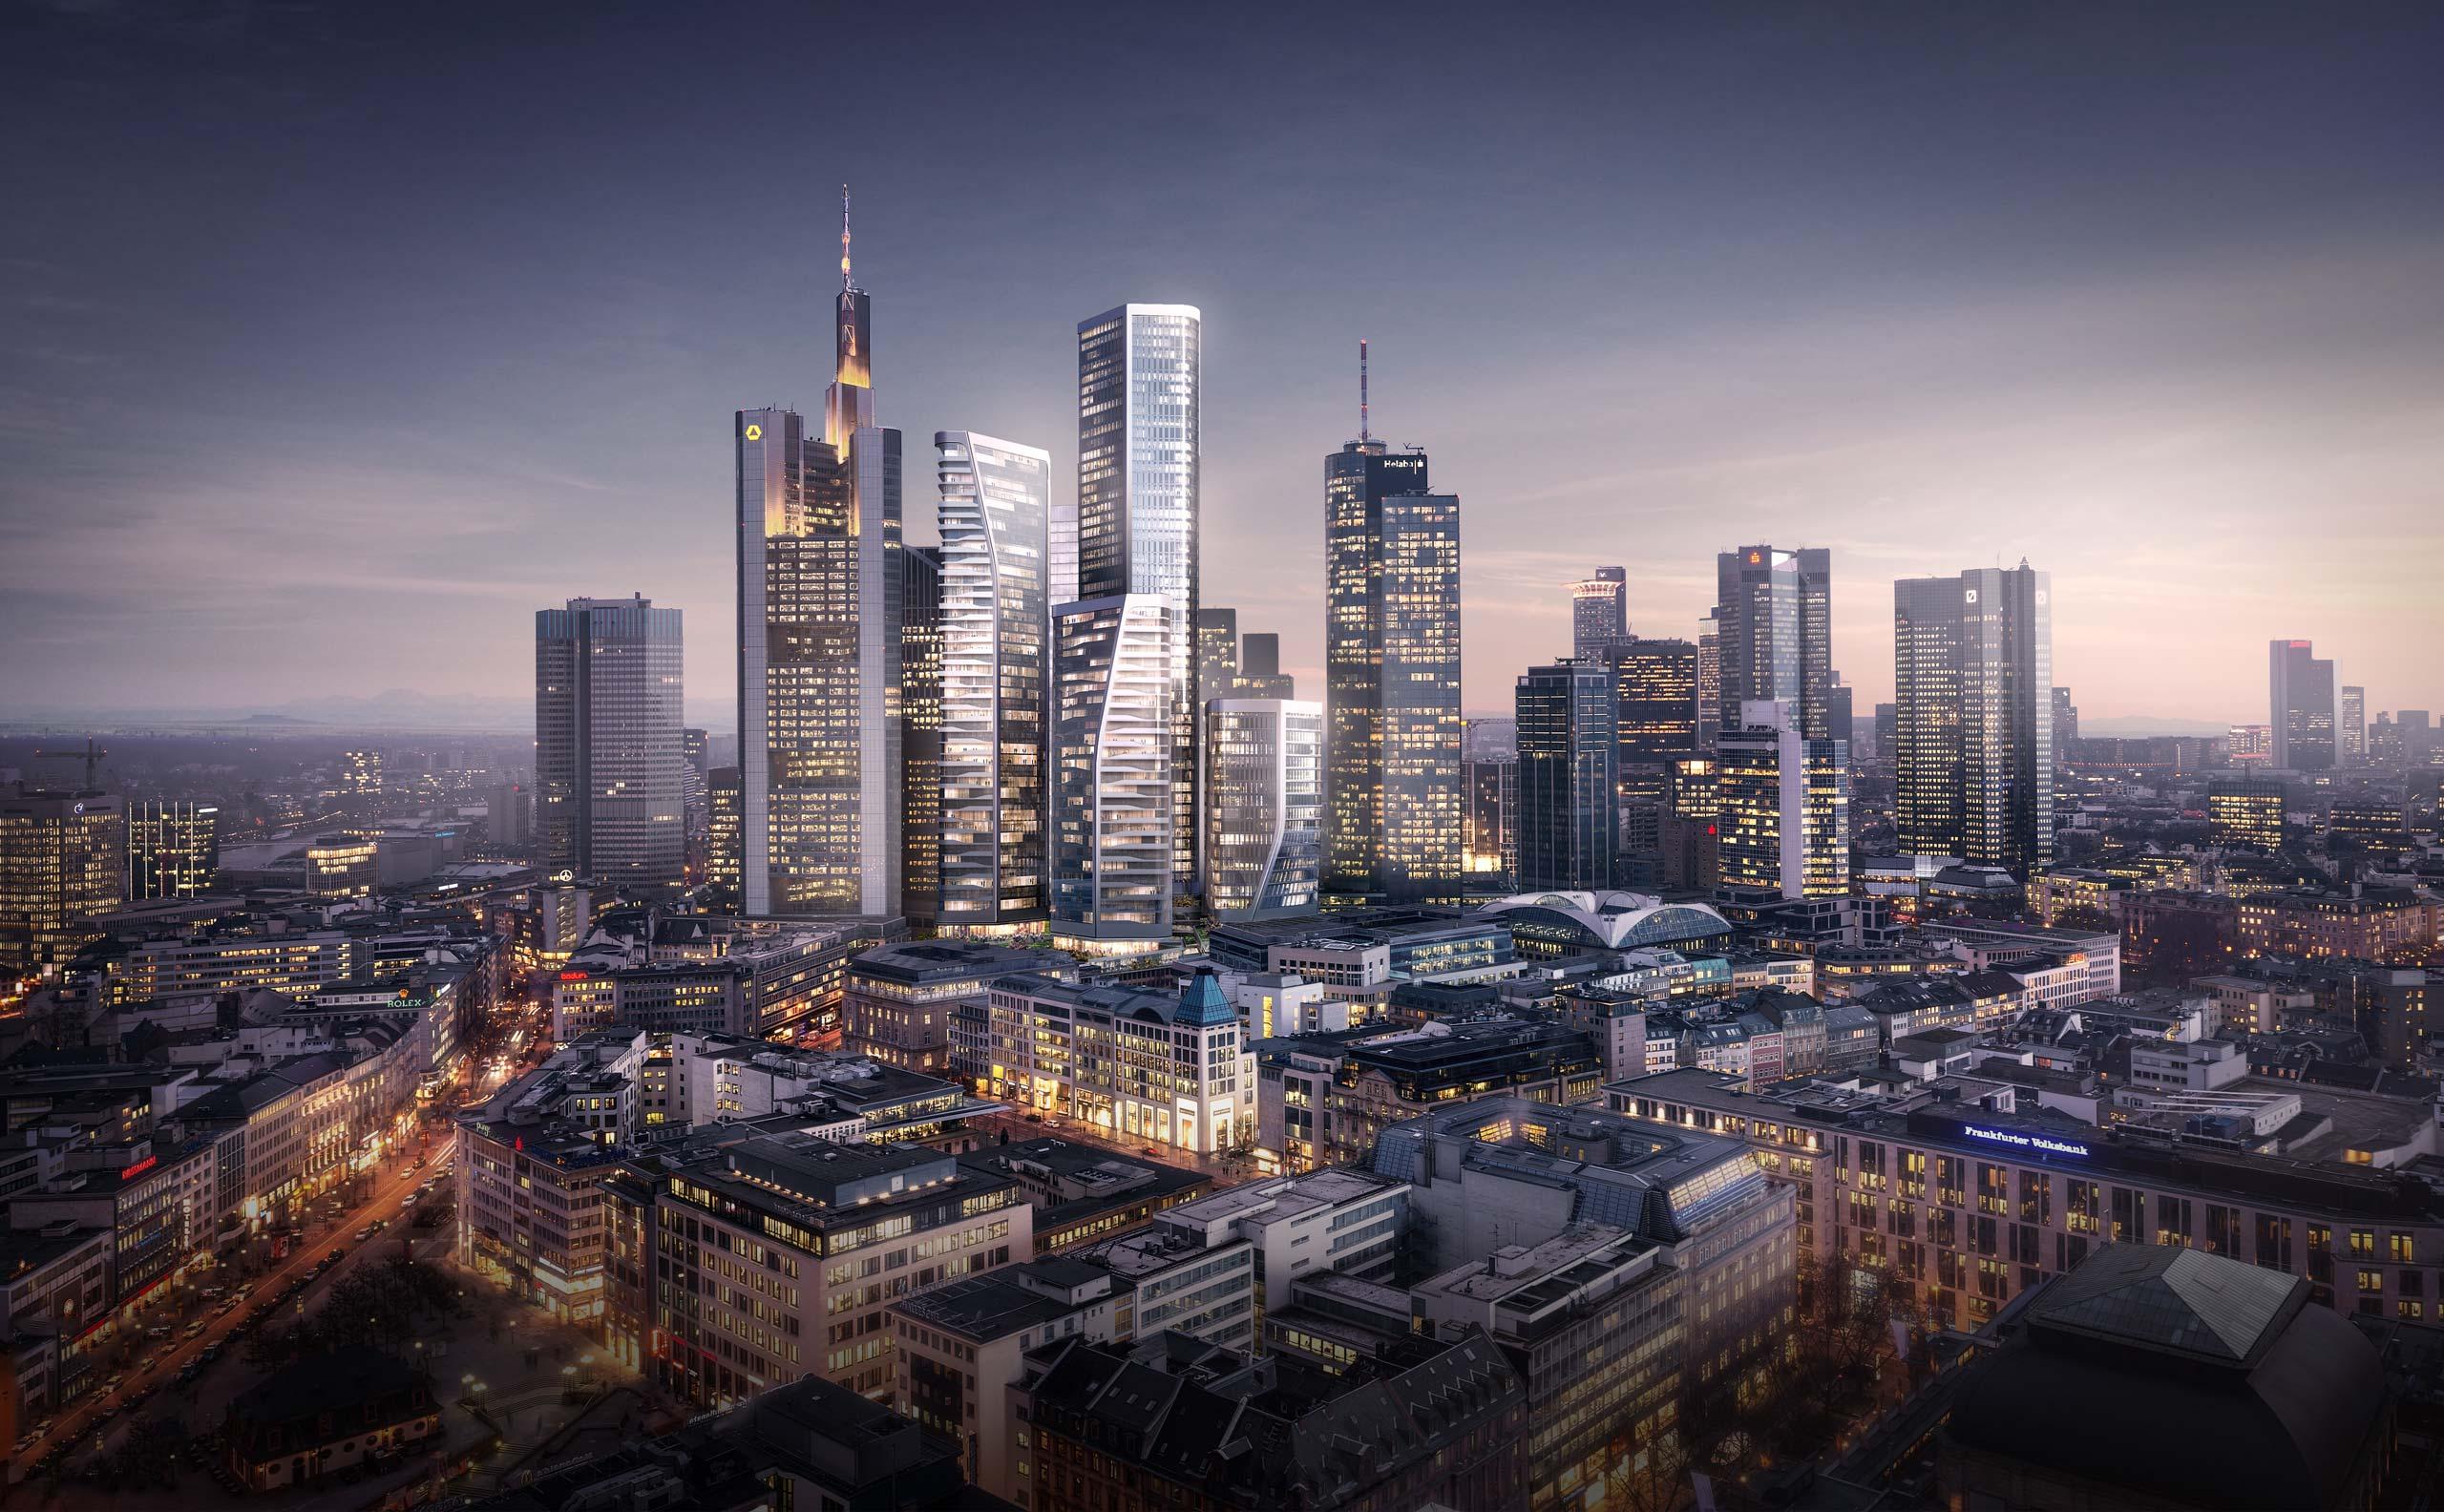 Four frankfurt i die planung 228 178 120 100 m seite 16 deutsches architektur forum - Deutsche architektur ...